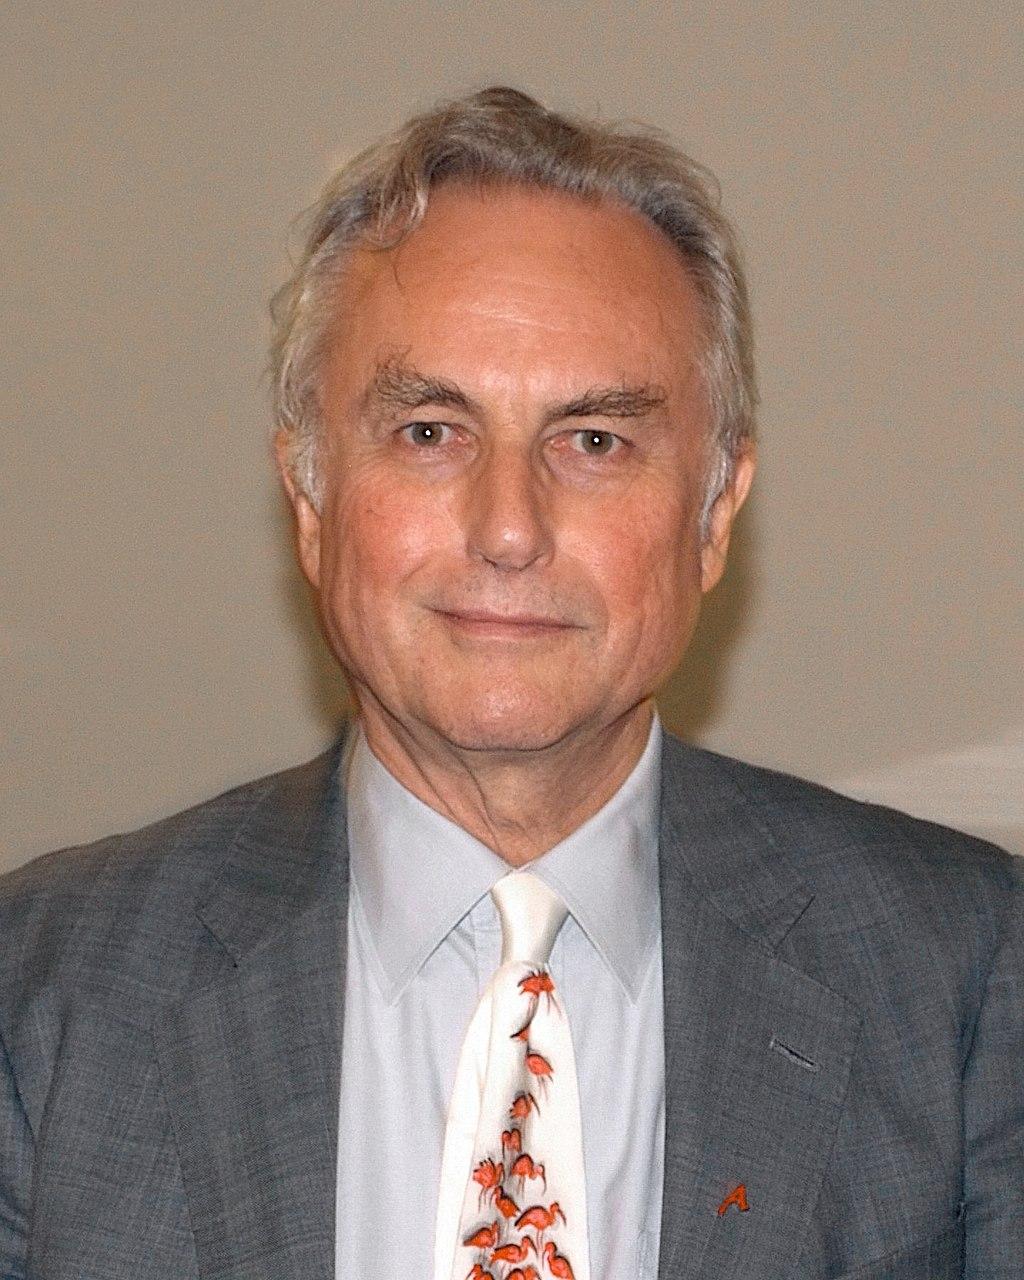 リチャード・ドーキンス(Clinton Richard Dawkins)Wikipediaより